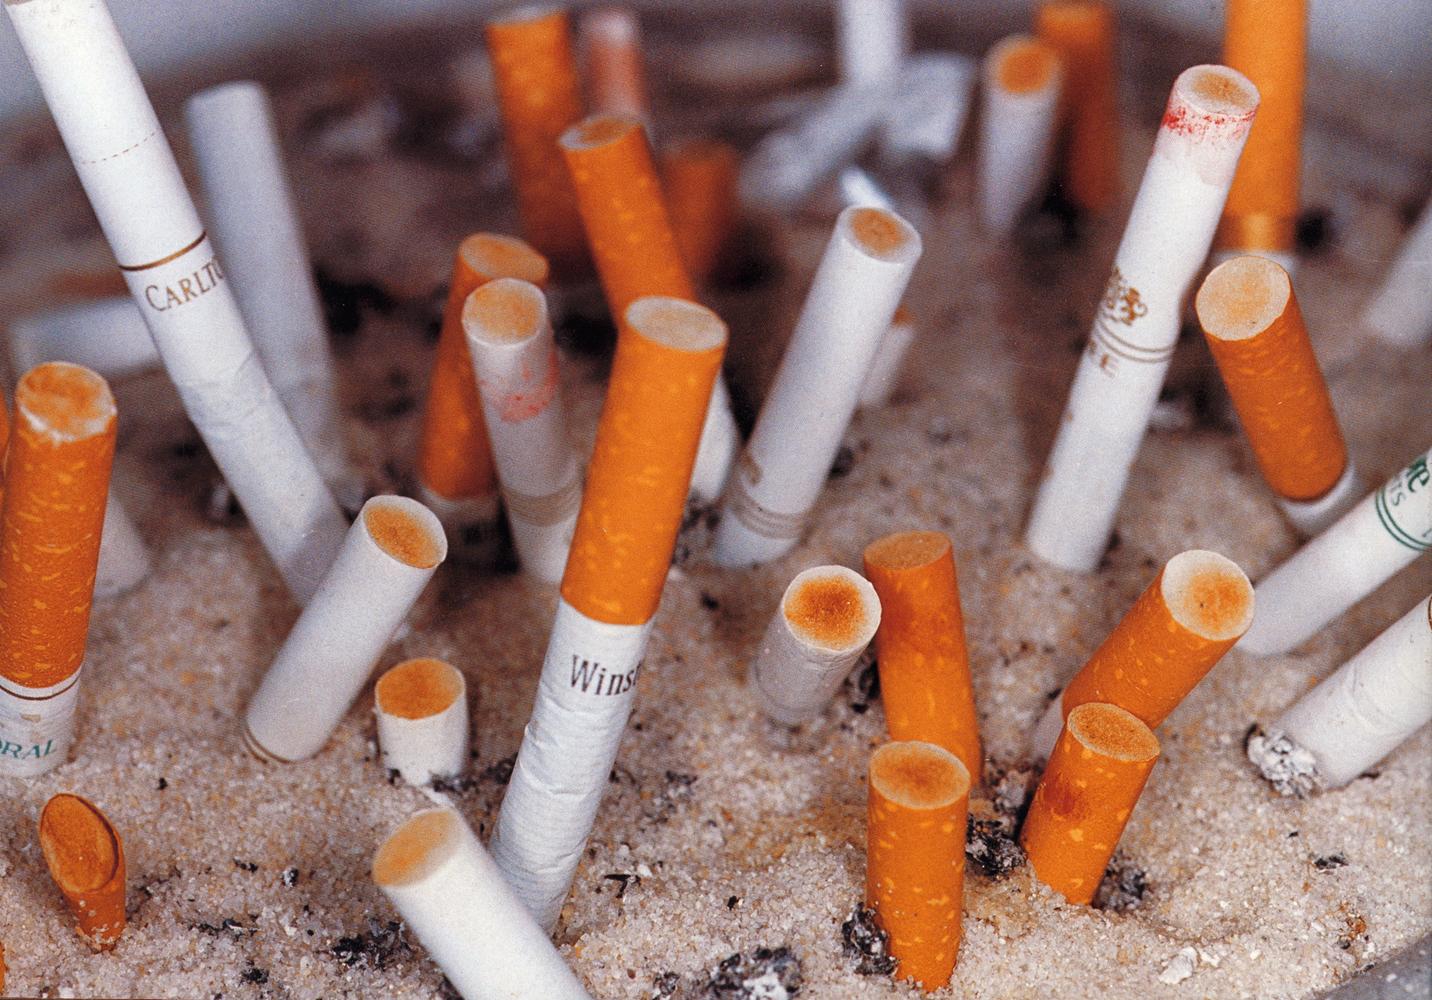 3) sigarette.jpg